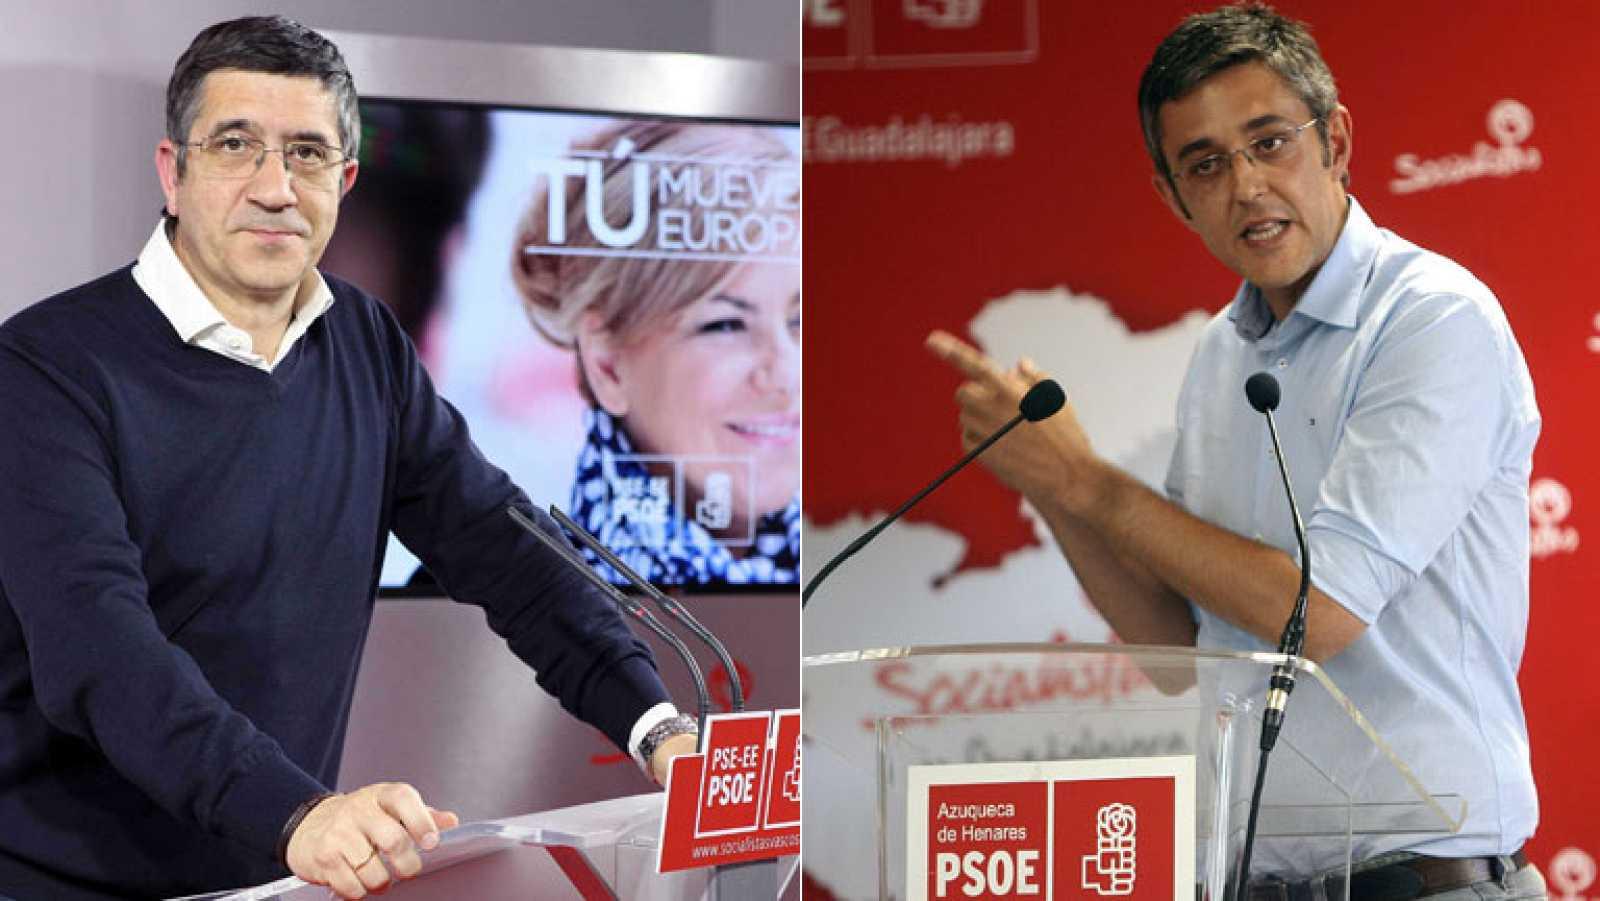 """Patxi López apoya el congreso para """"darle la vuelta"""" al PSOE y Madina defiende las primarias"""